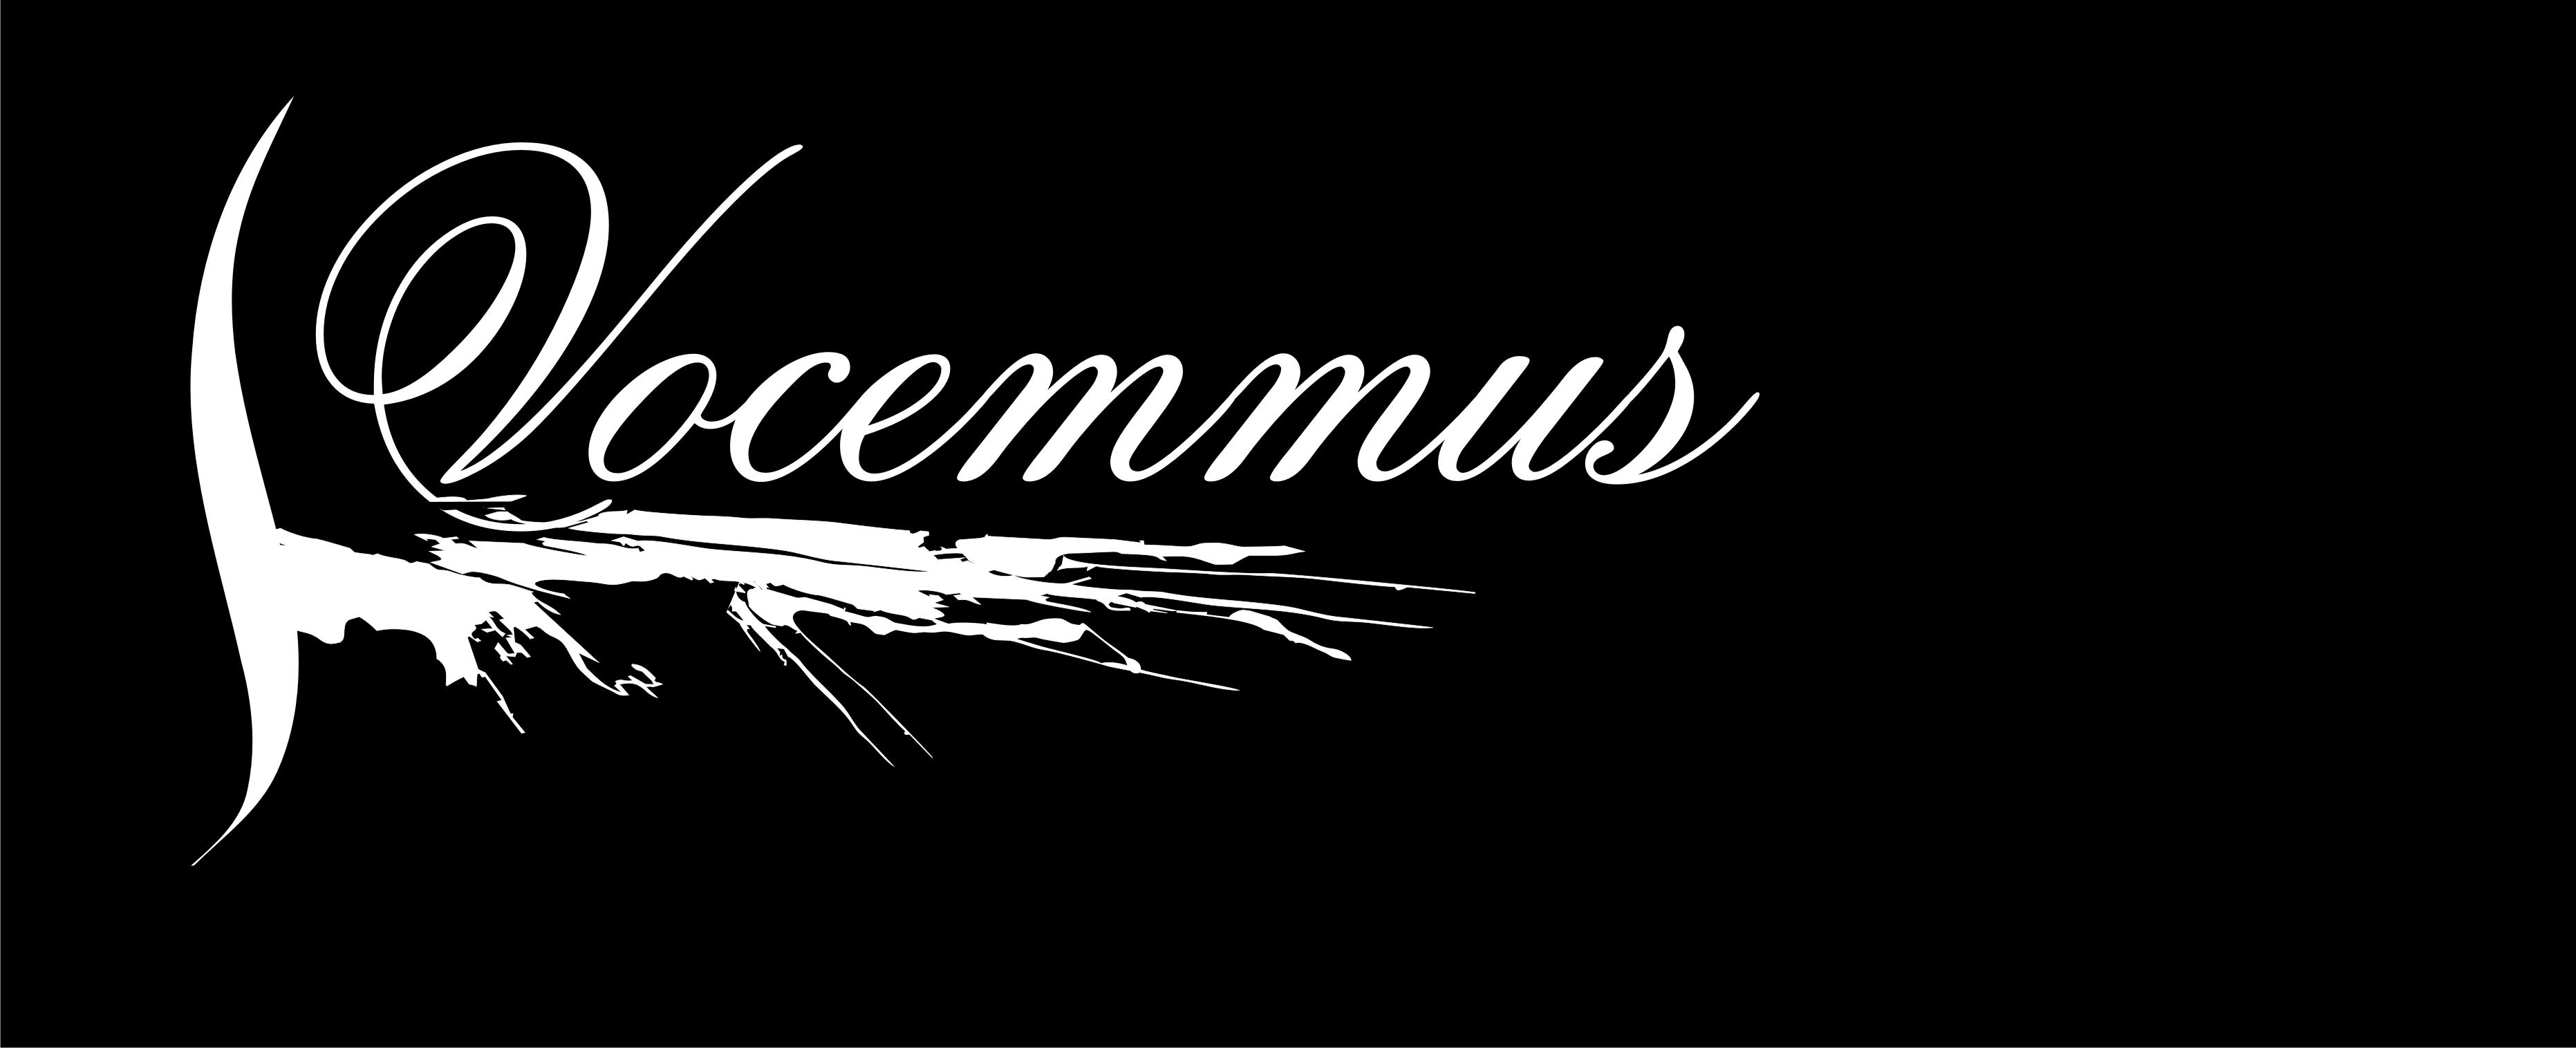 Vocemmus SL